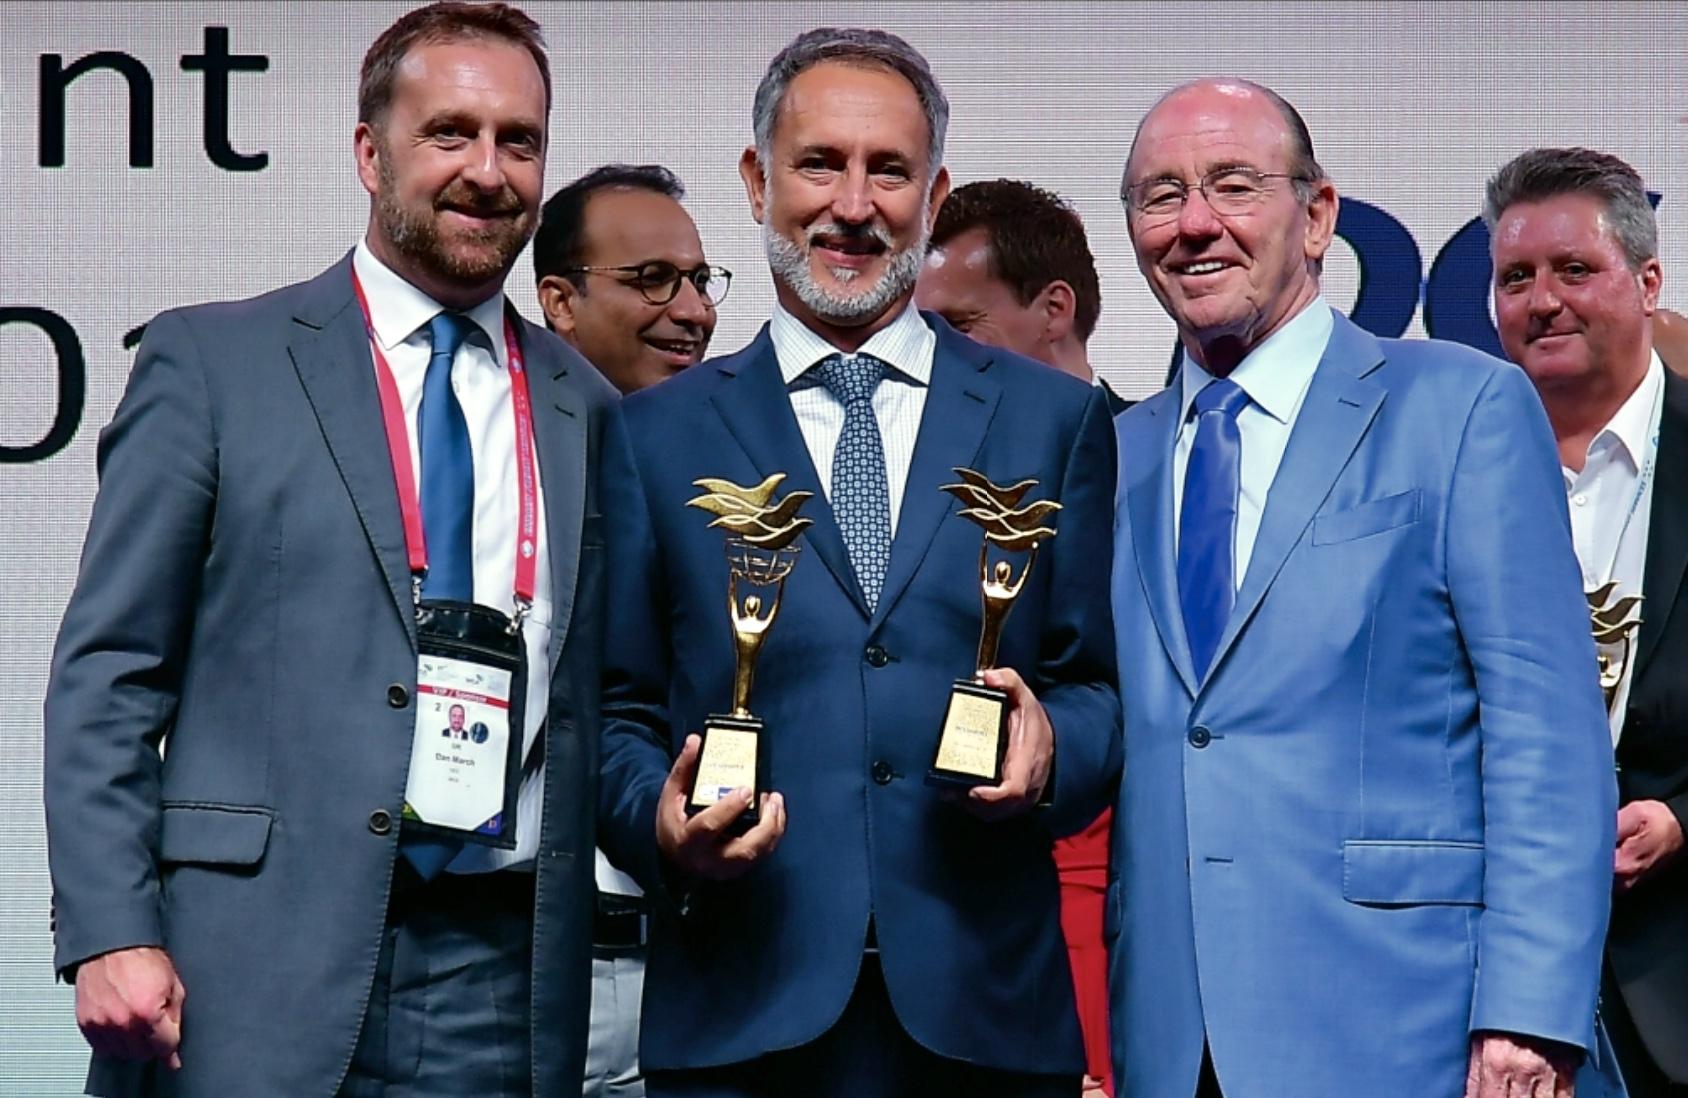 DC Logistics Brasil é o agente mais votado no WCA Conference 2018 e recebe Prêmio de Melhor Agente de Cargas do Mundo pela sétima vez